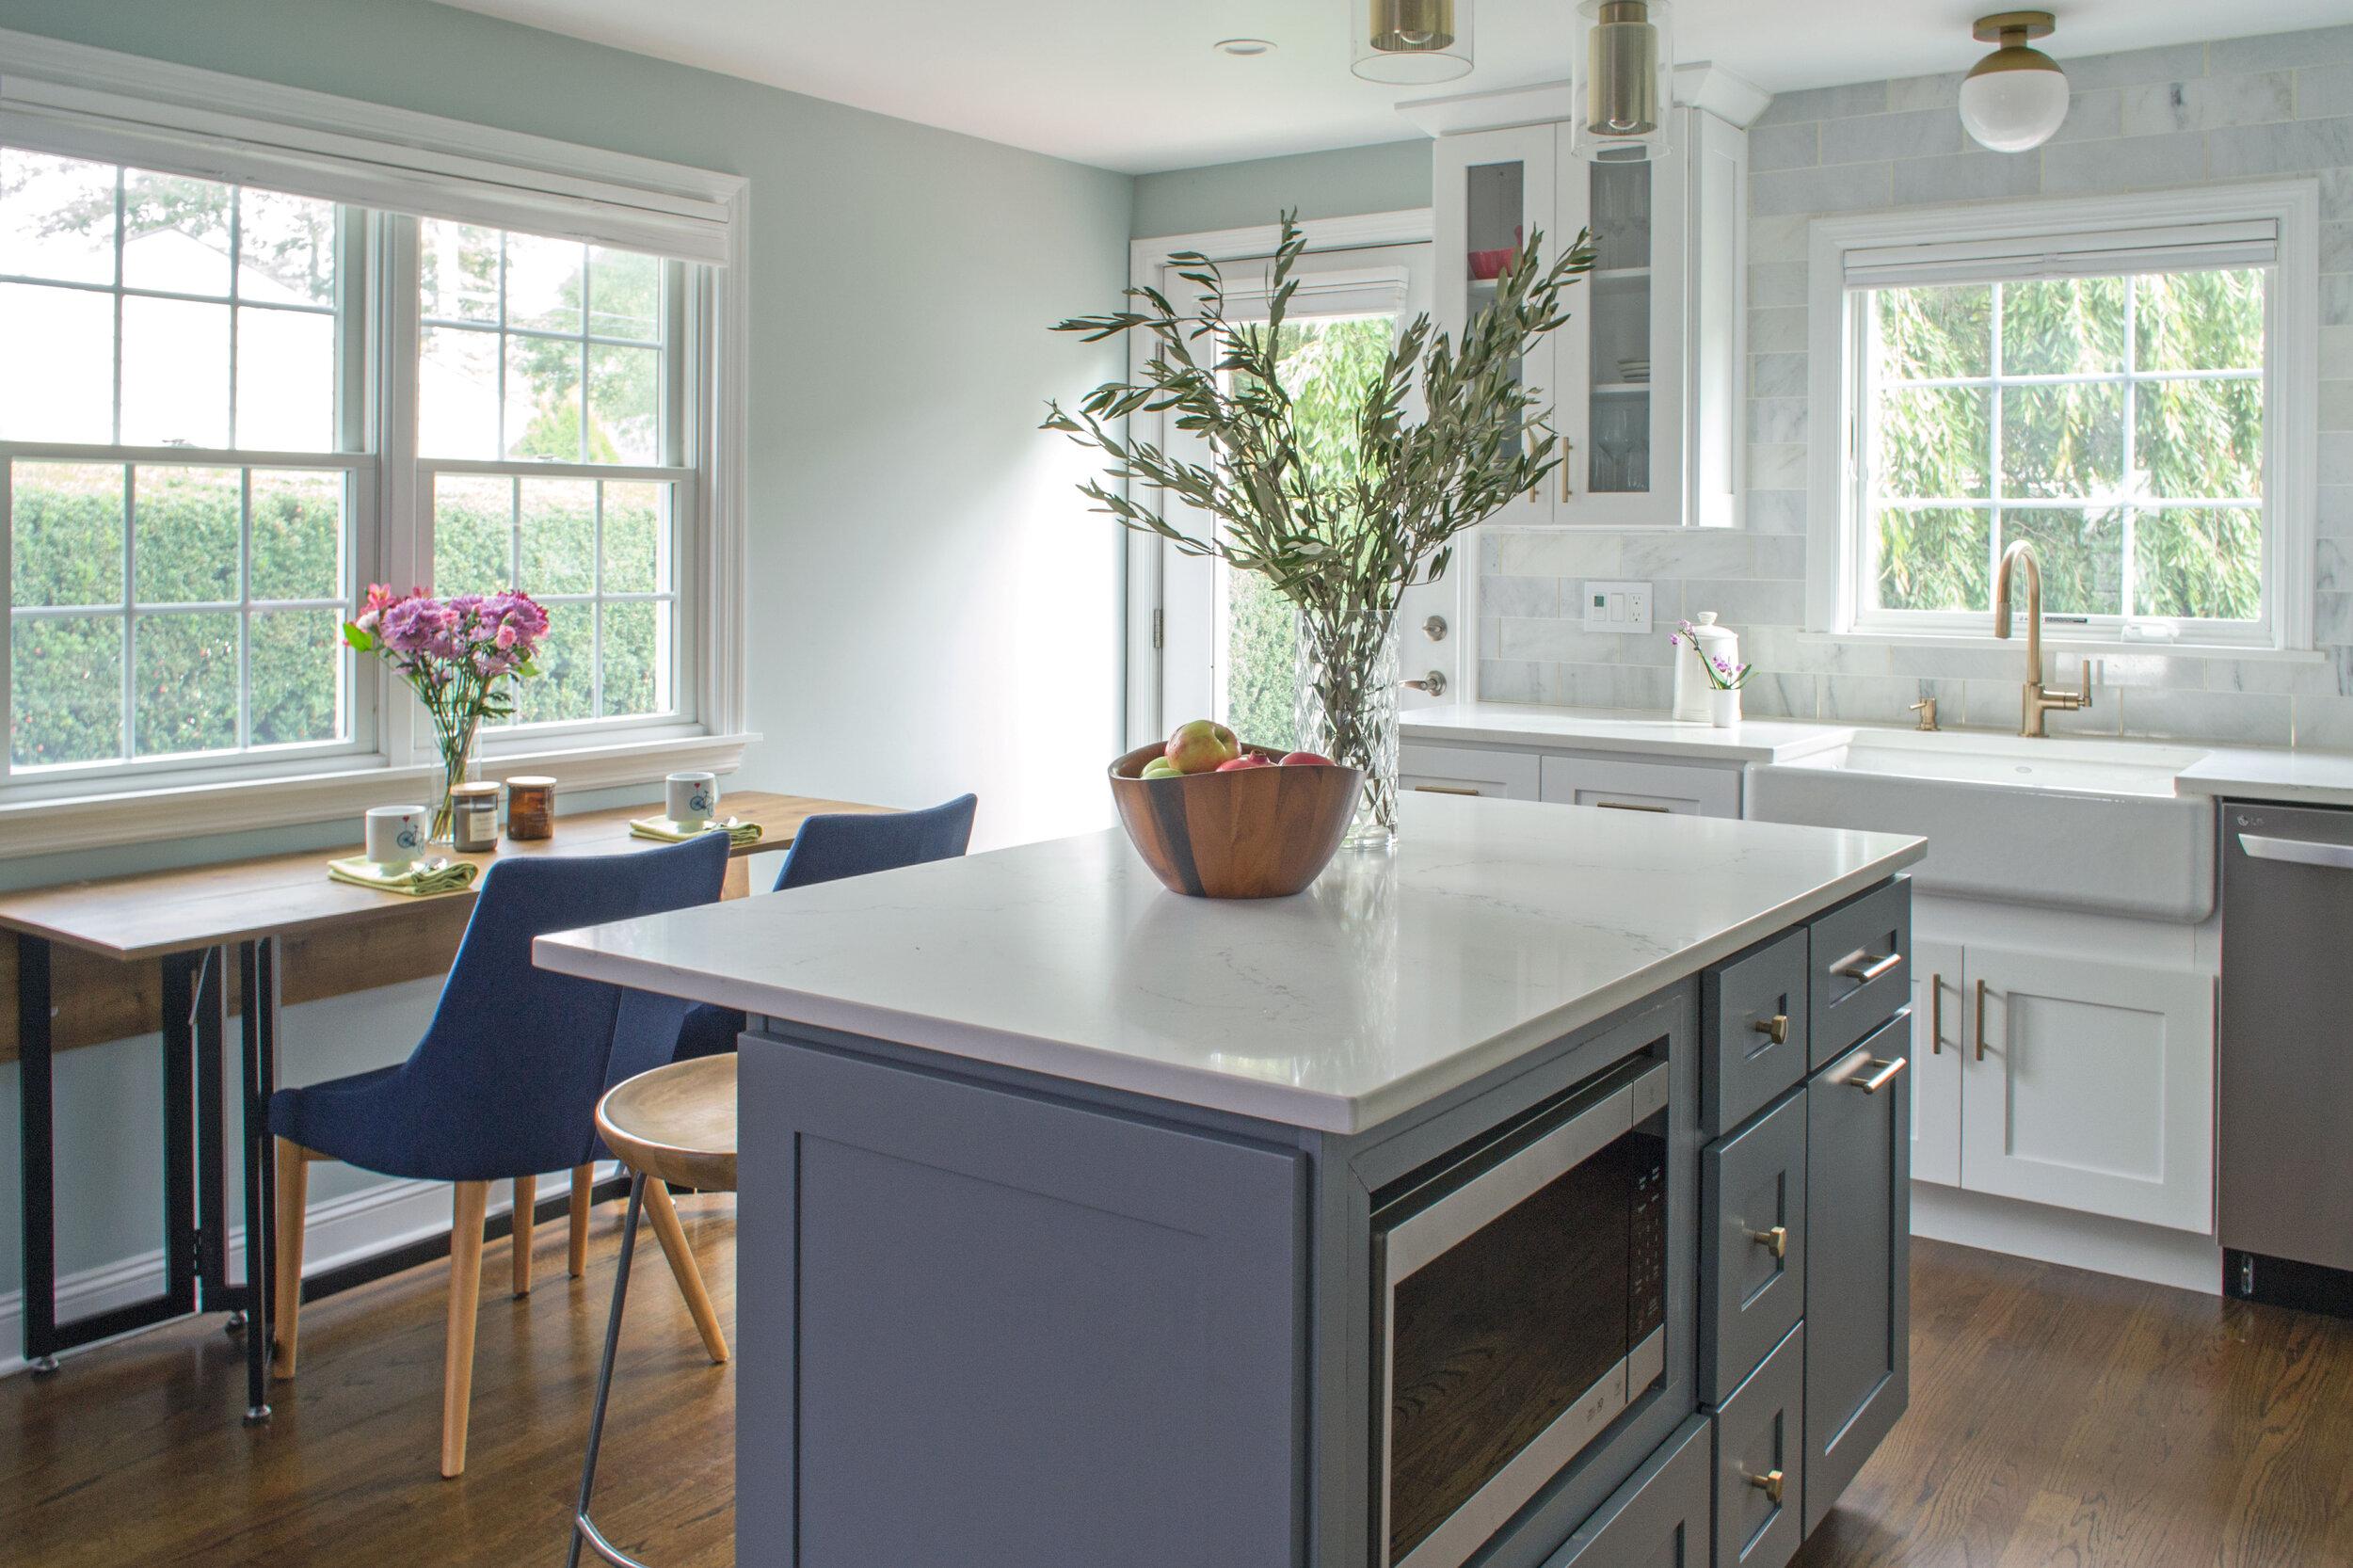 kitchen-modern-white-gray-tc-interiors-2.jpg